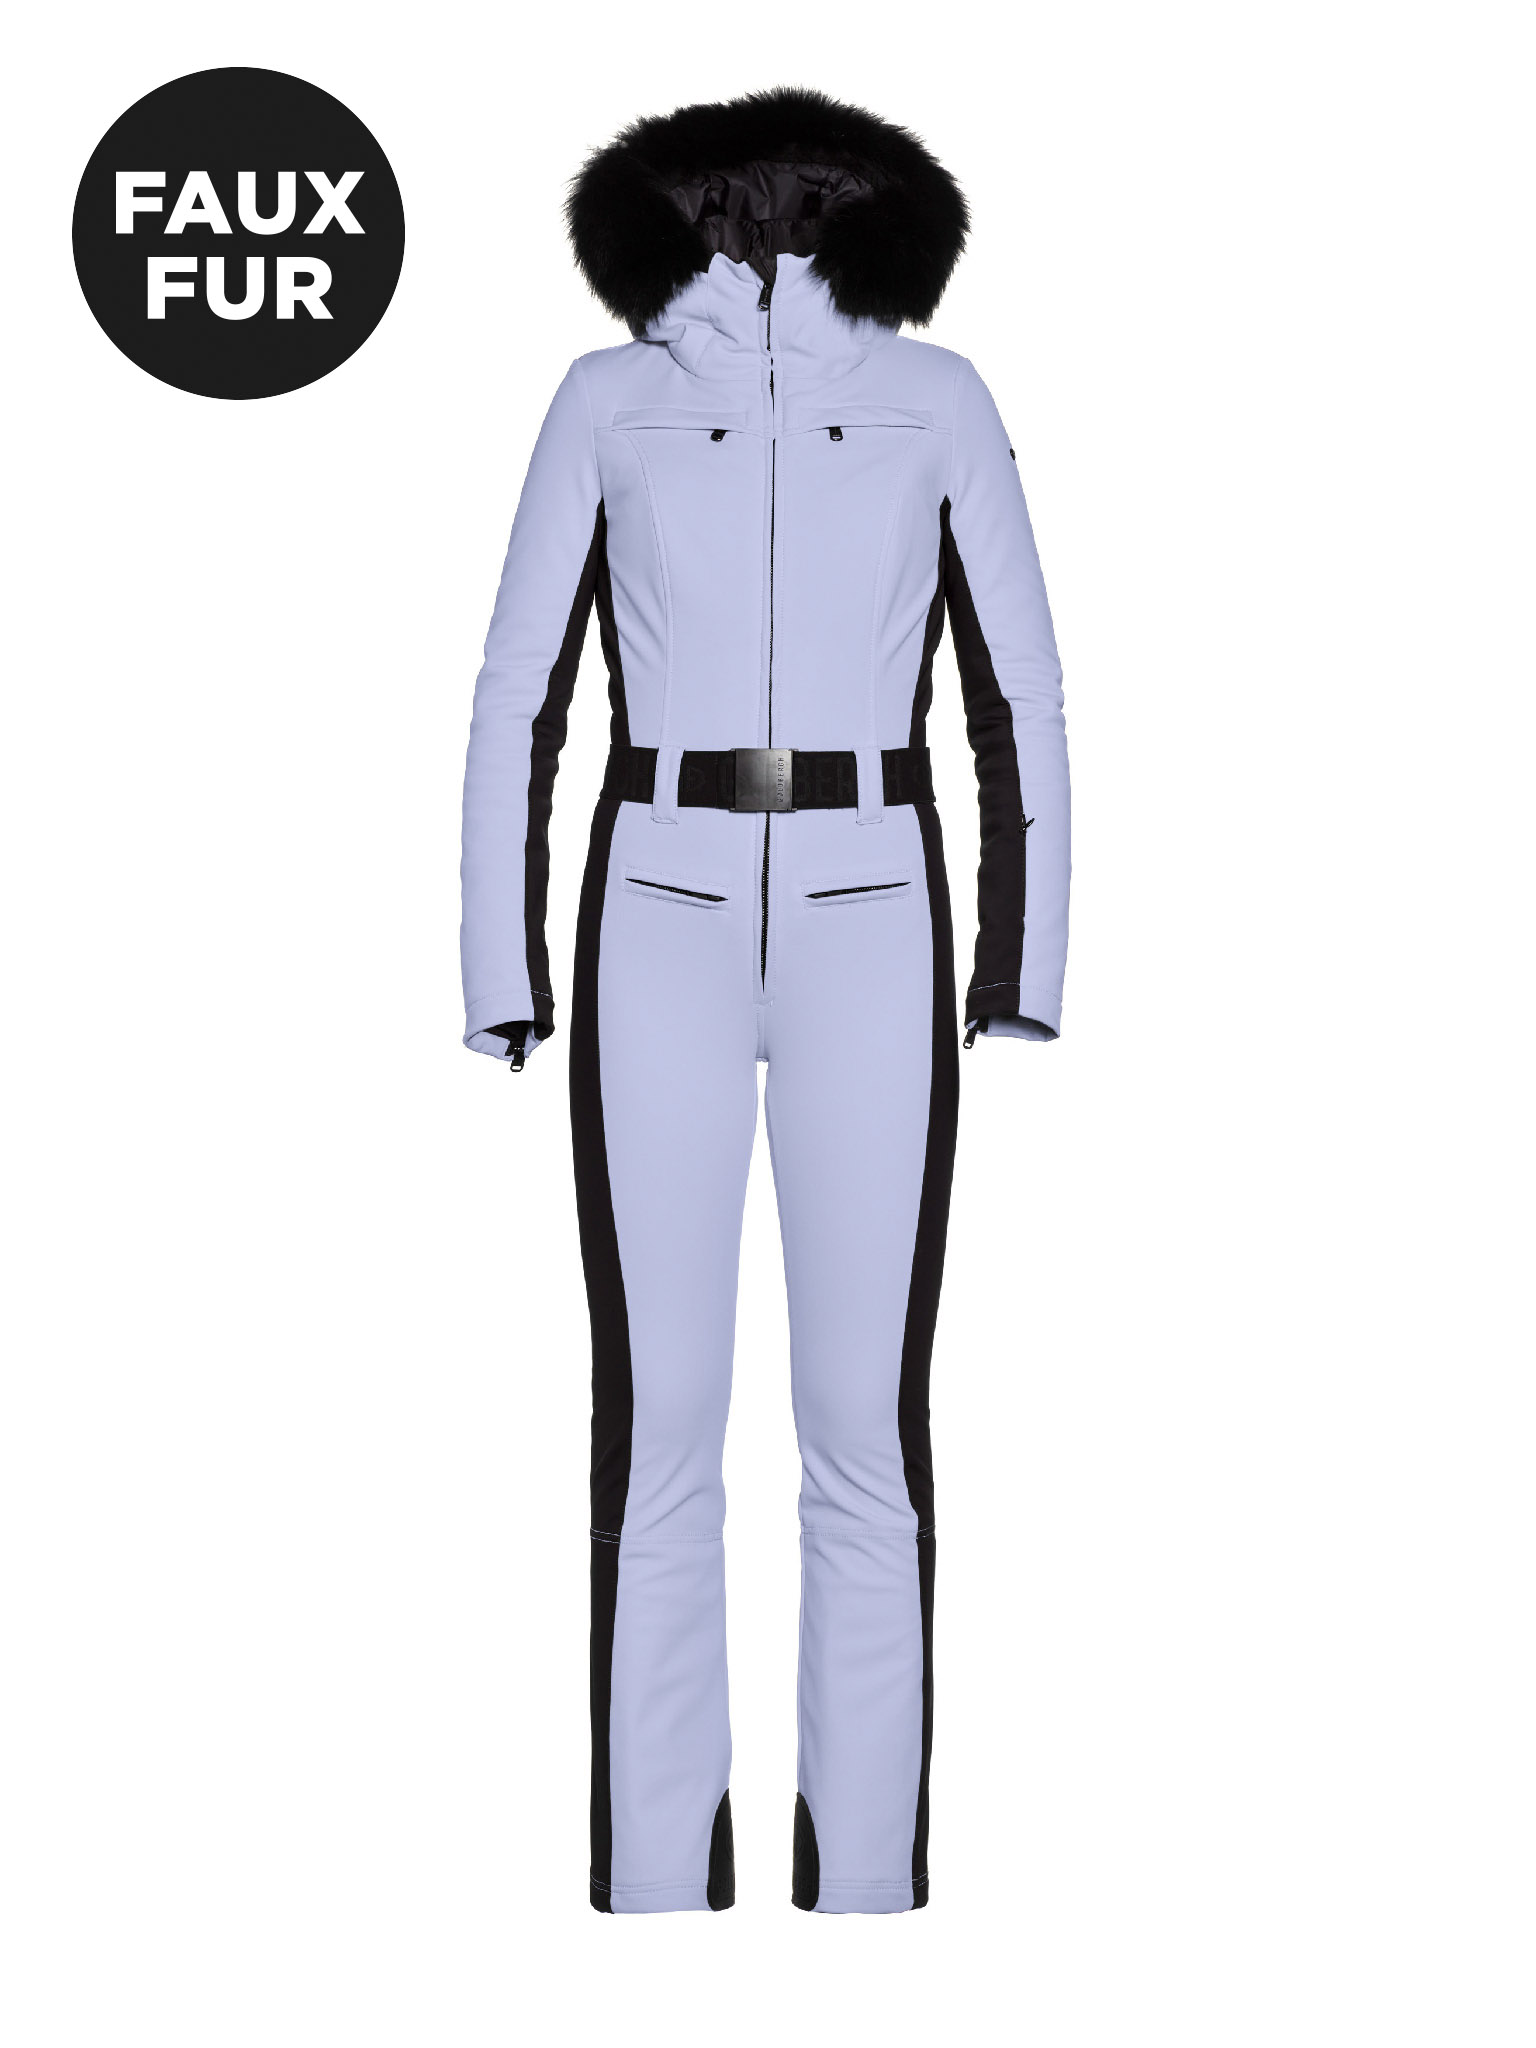 Goldbergh Parry Ski Suit Faux Fur 2022